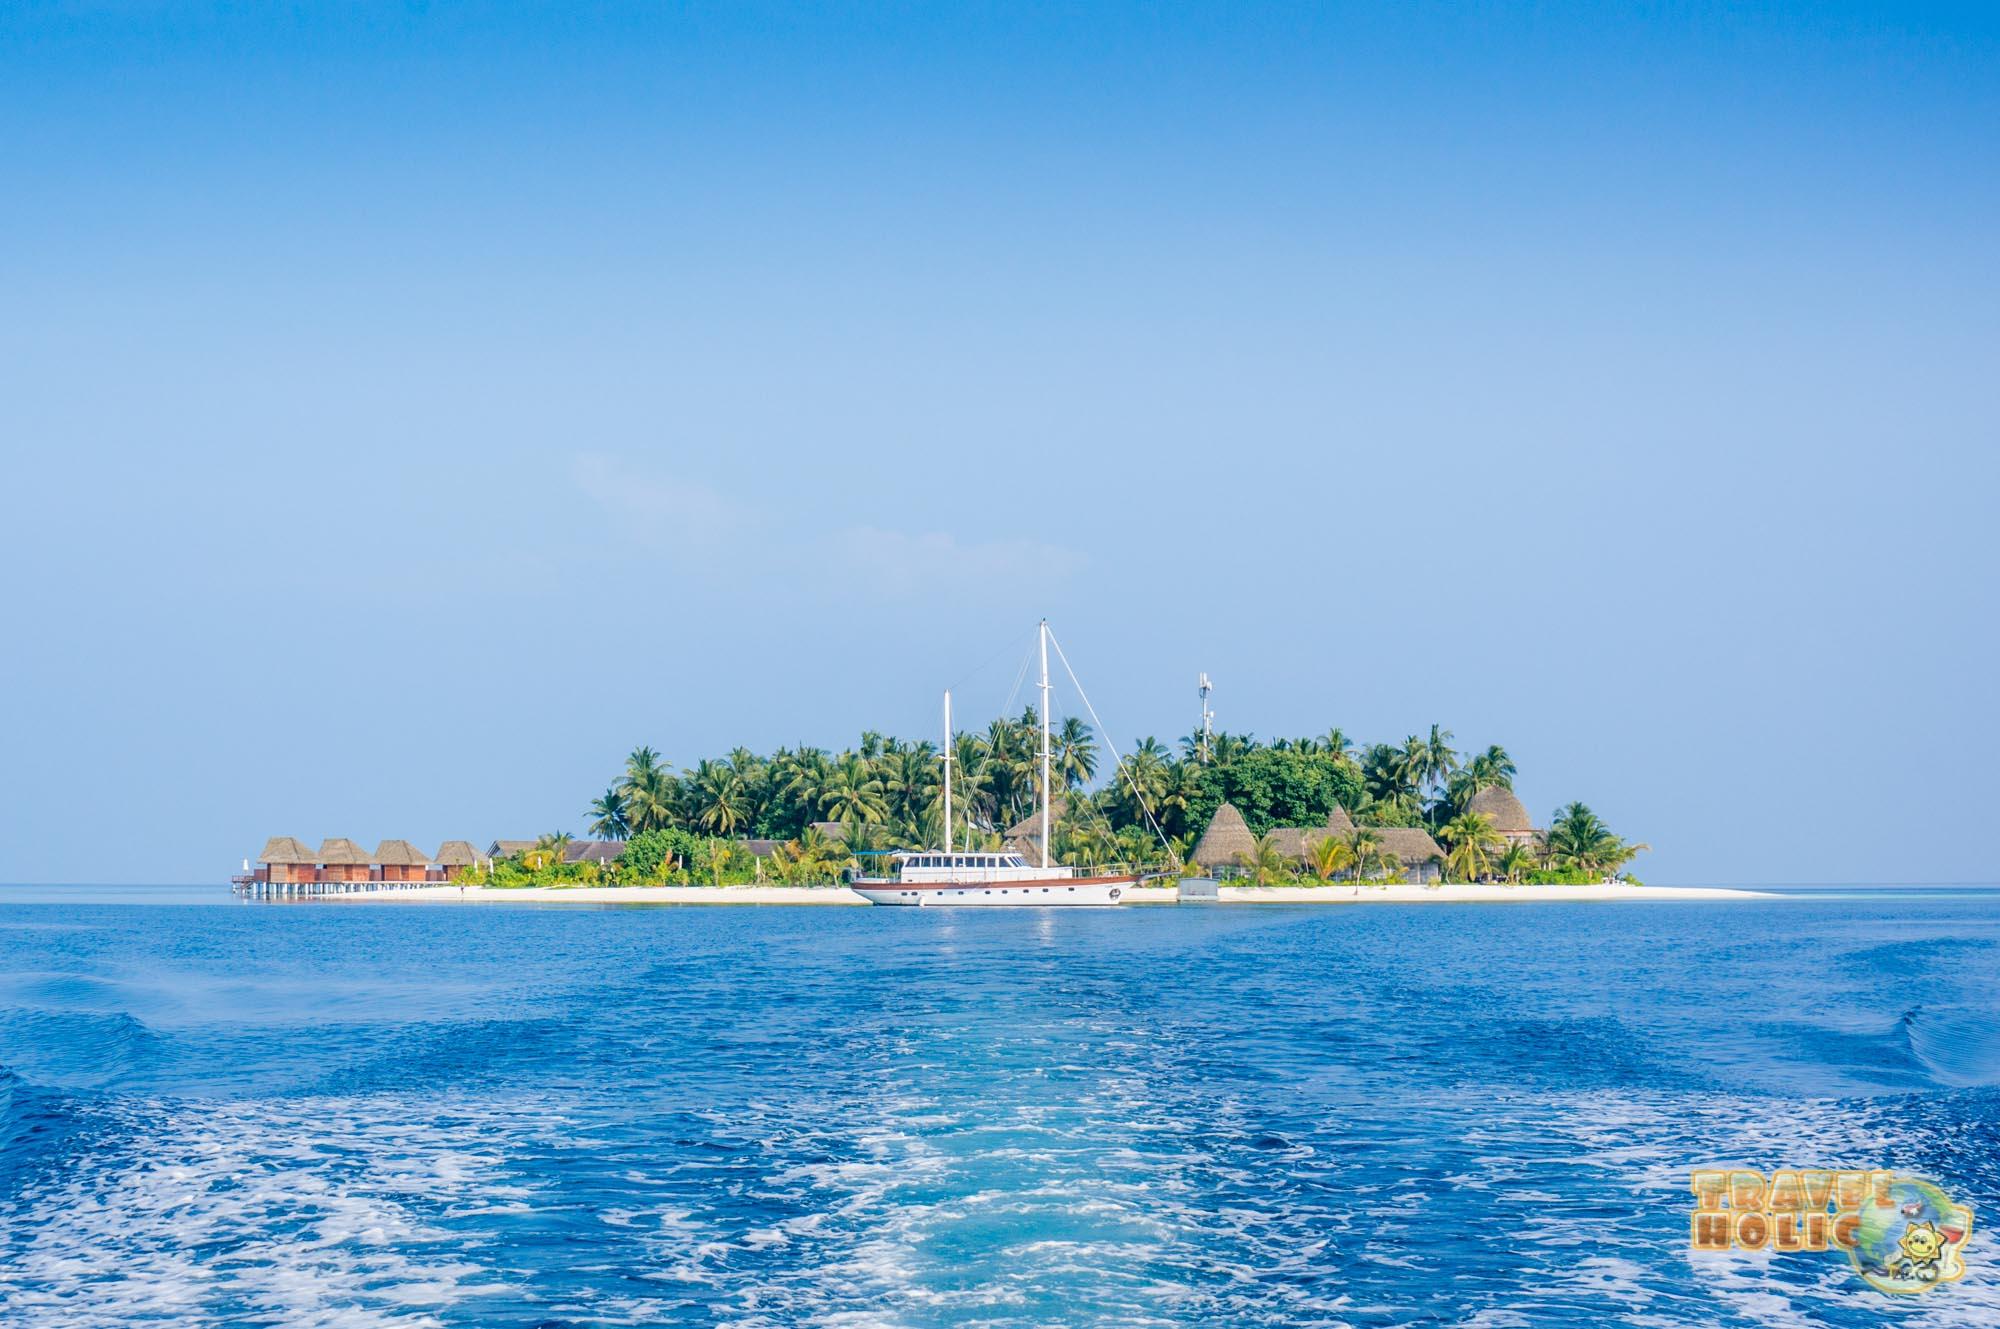 L'île du Kandolhu, aux Maldives